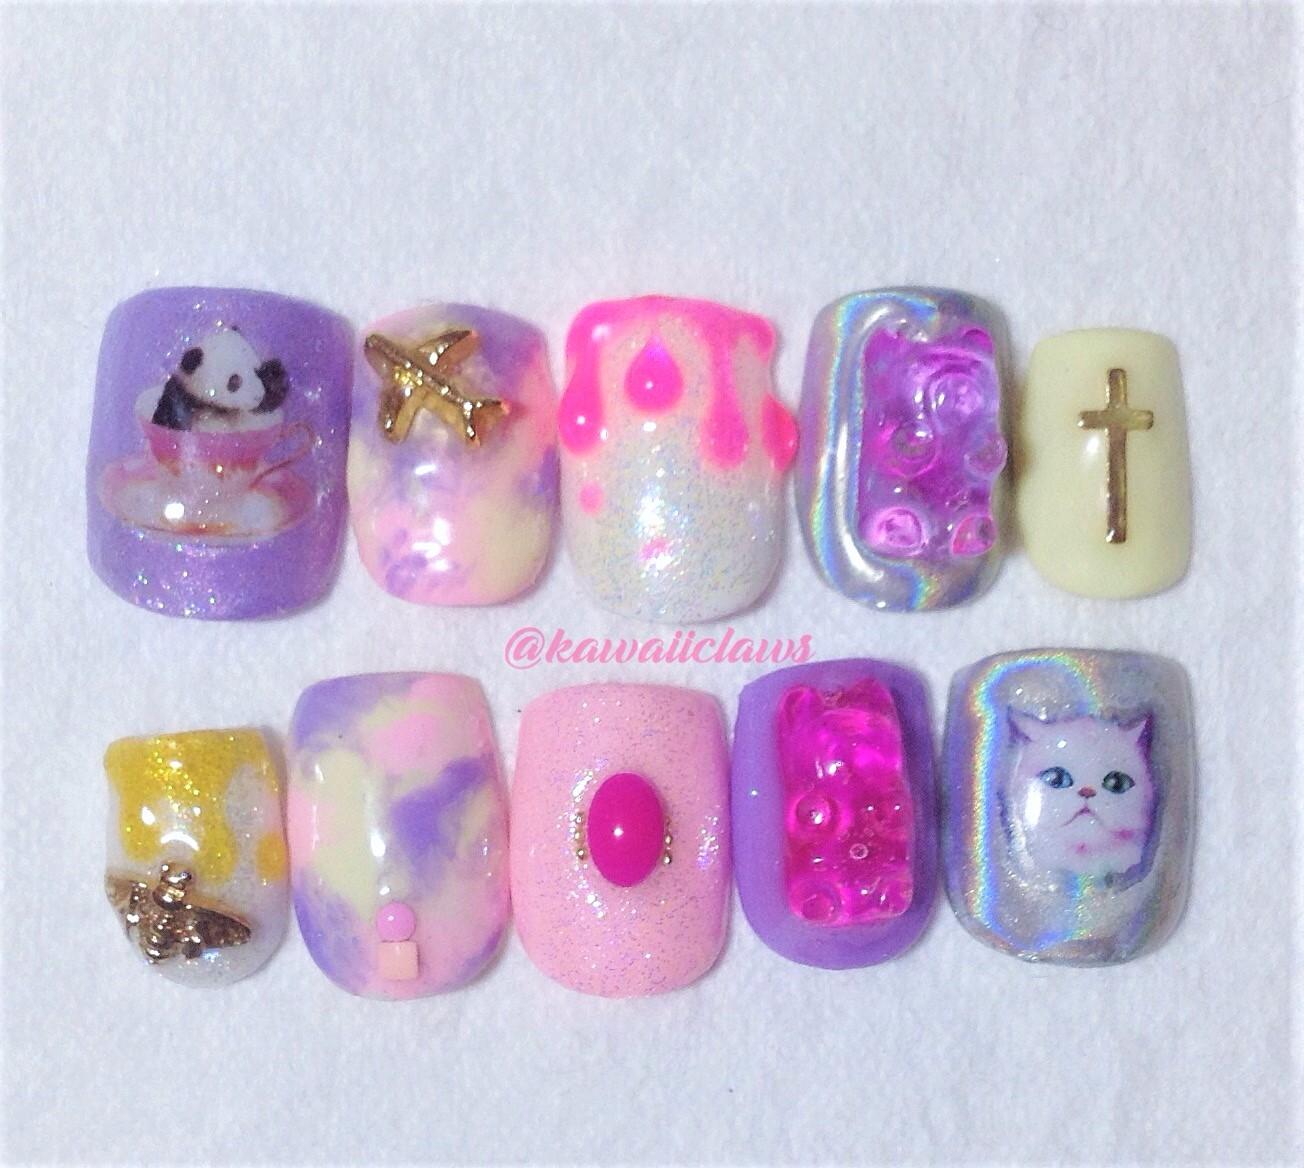 Kawaii Claws   Kawaii Animal Pastel Marble Gummy Bears Mixed Design ...